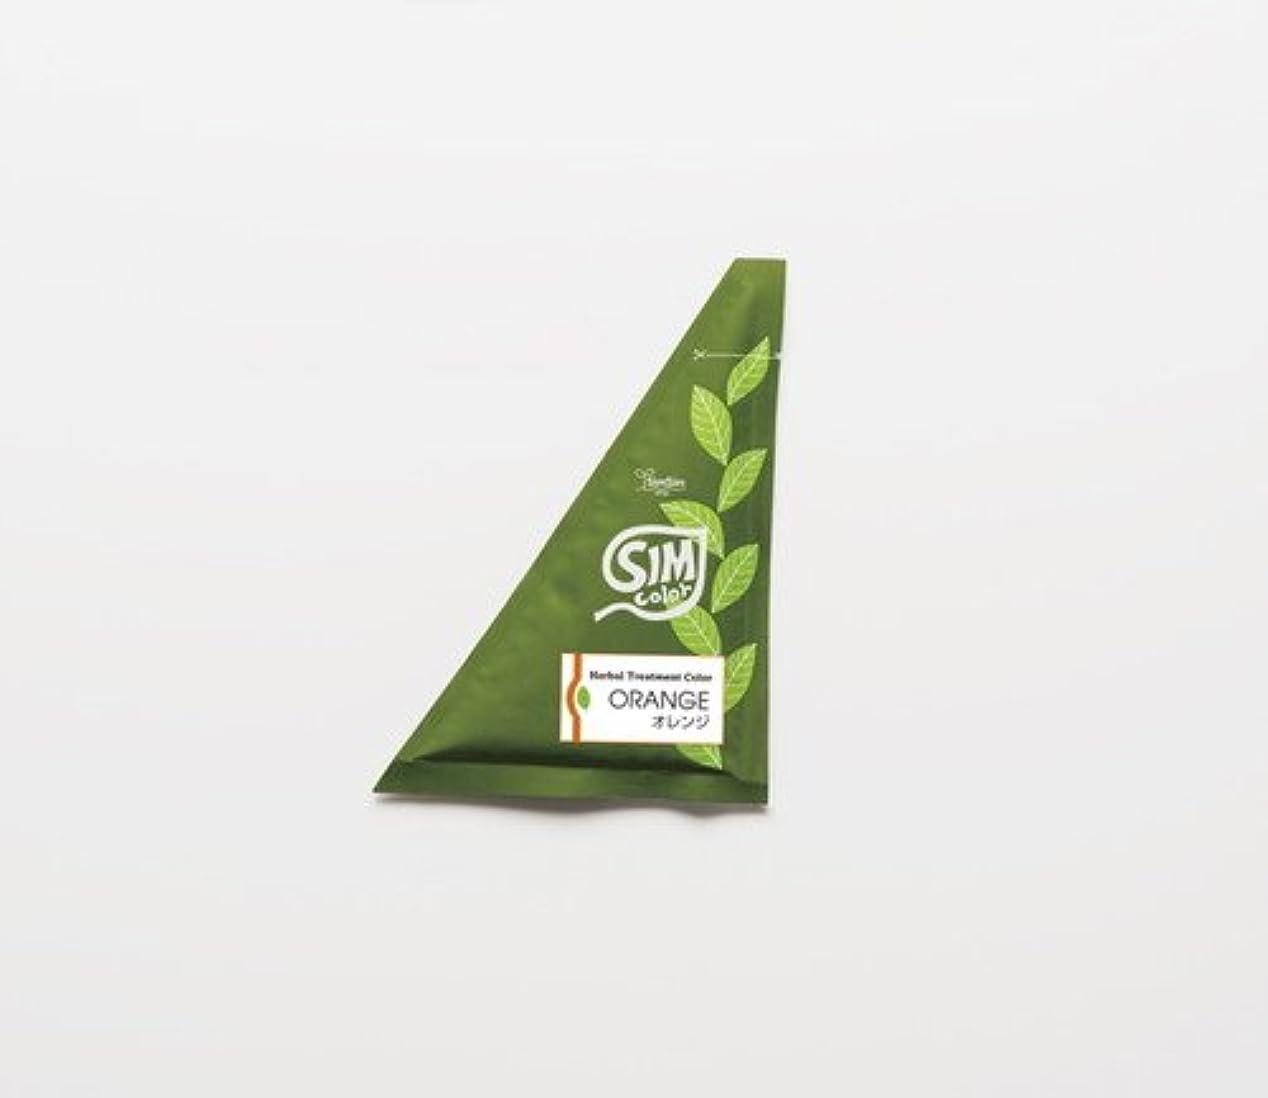 動かない本質的にめんどりSimSim(シムシム)お手軽簡単シムカラーエクストラ(EX)25g 2袋 オレンジ